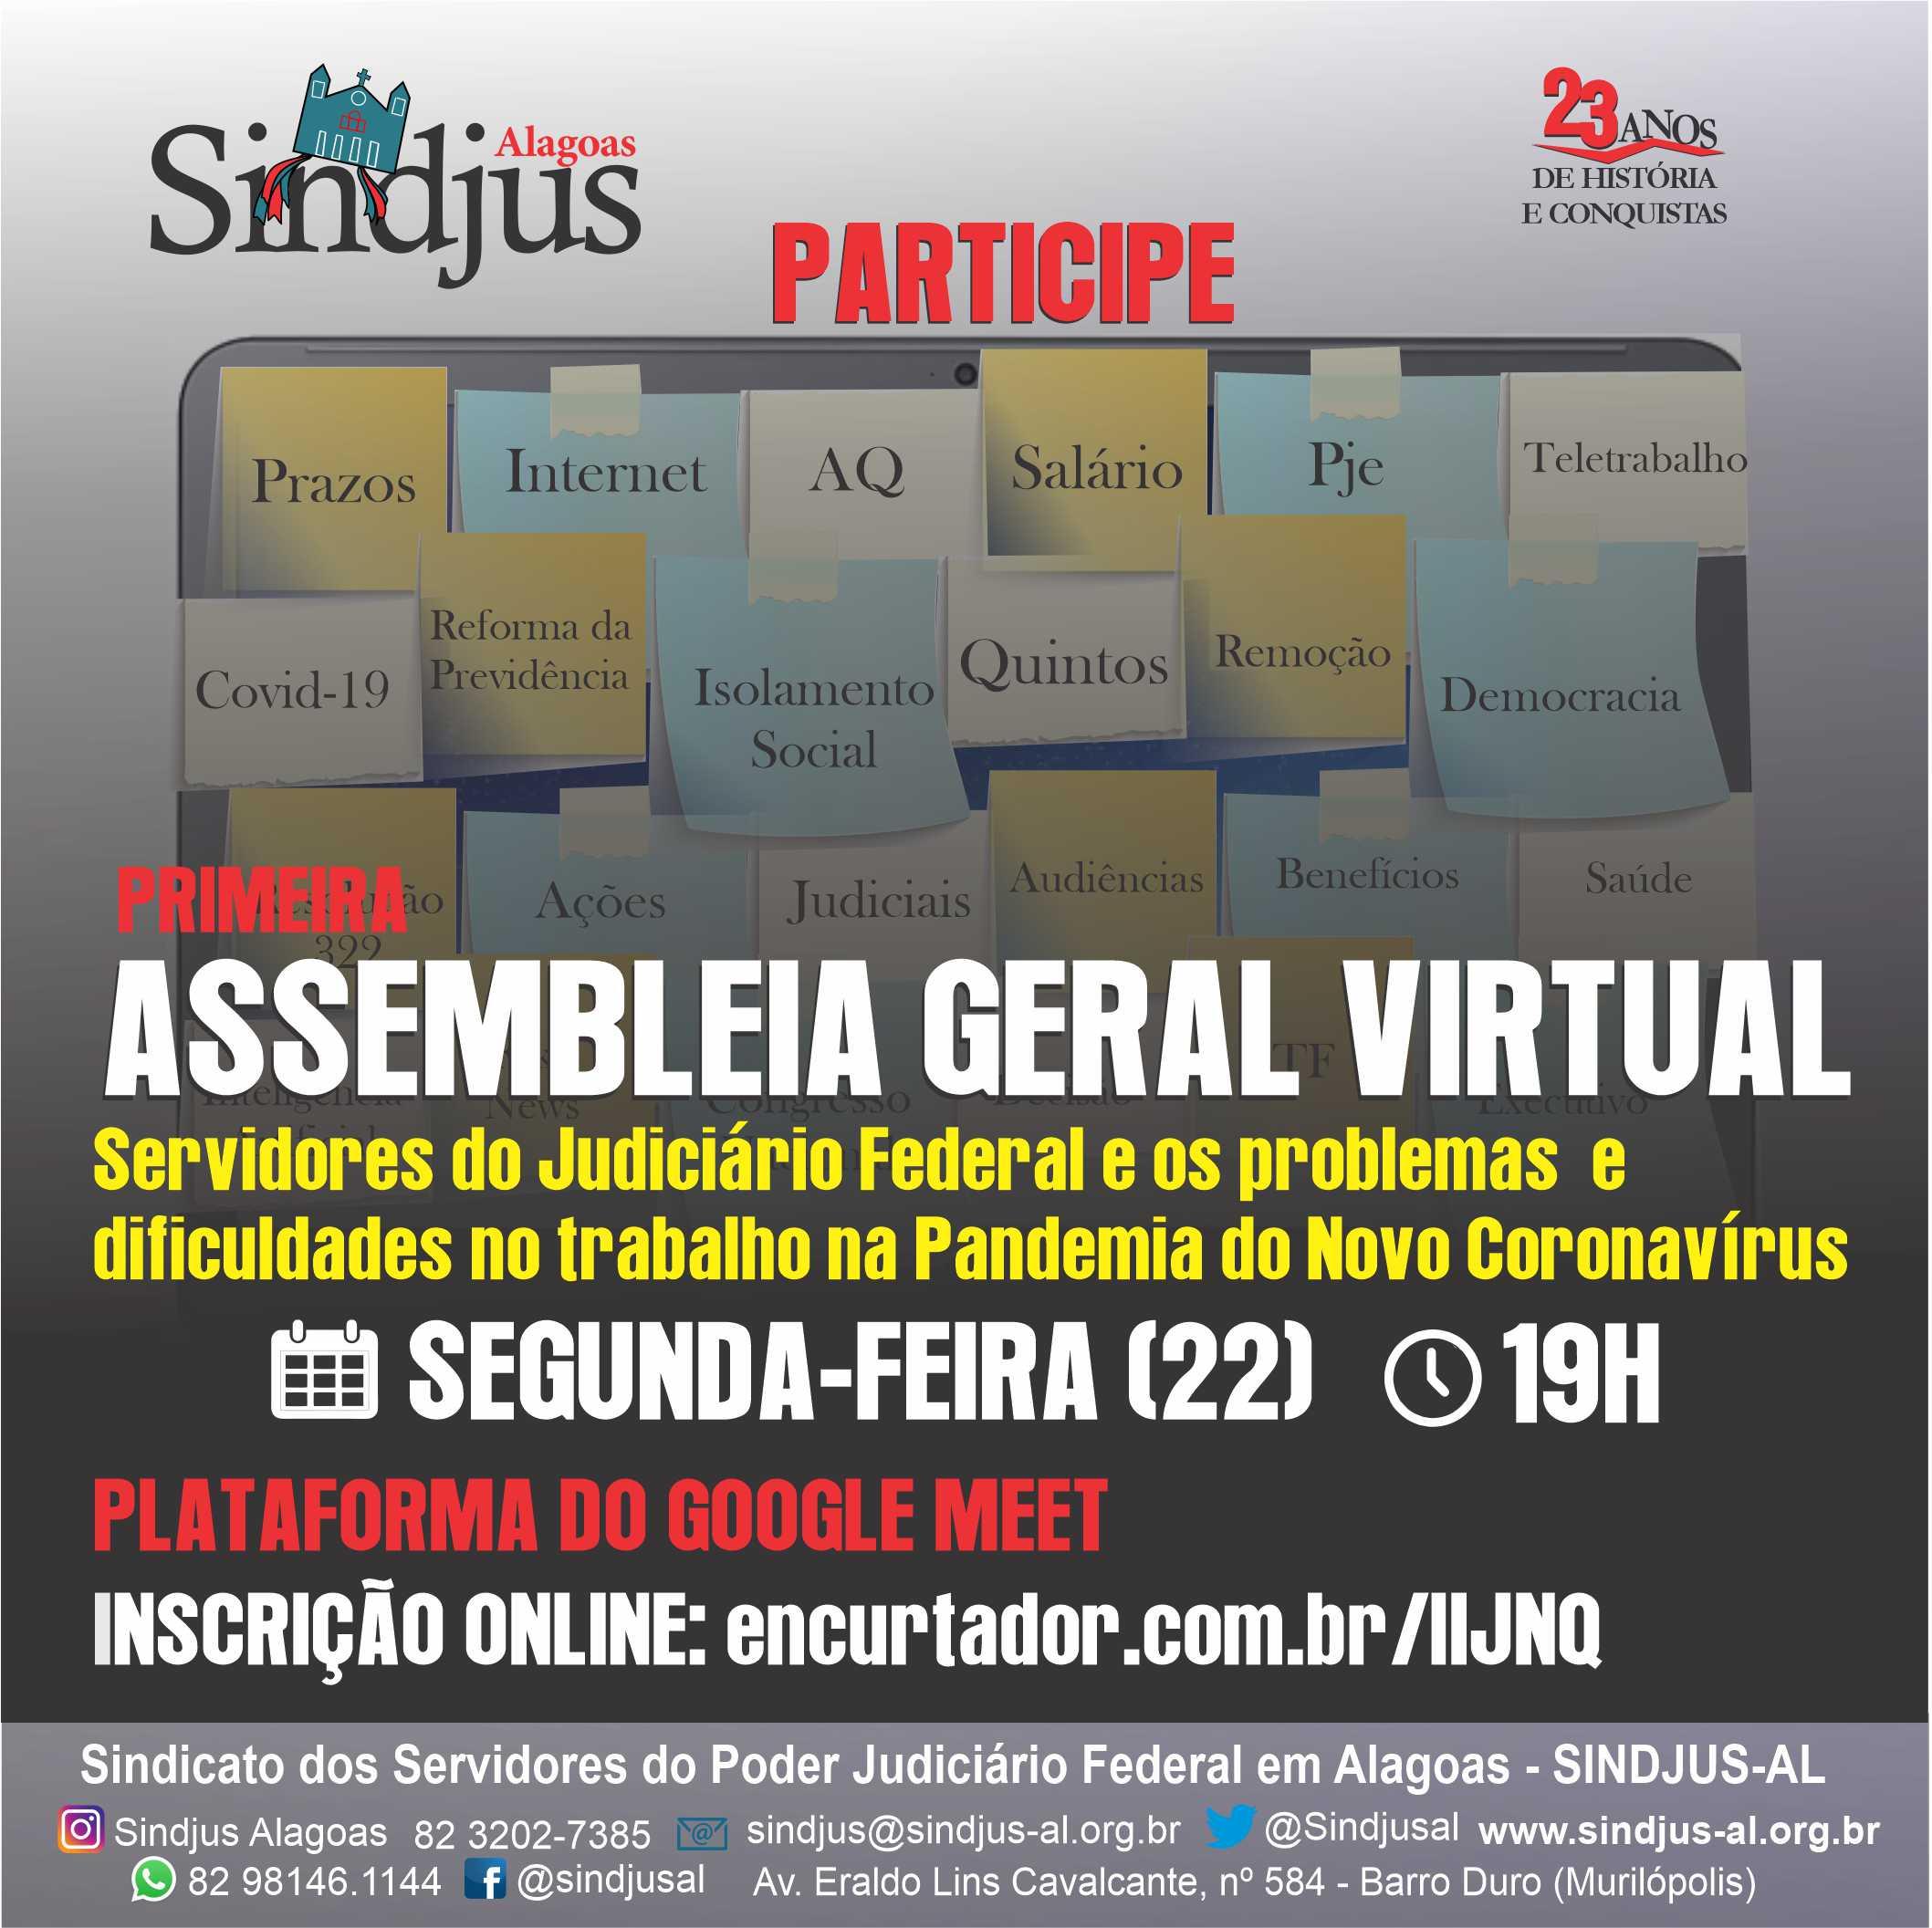 Sindjus-AL fará assembleia geral virtual para tratar dos problemas do trabalho na pandemia nesta segunda (22)